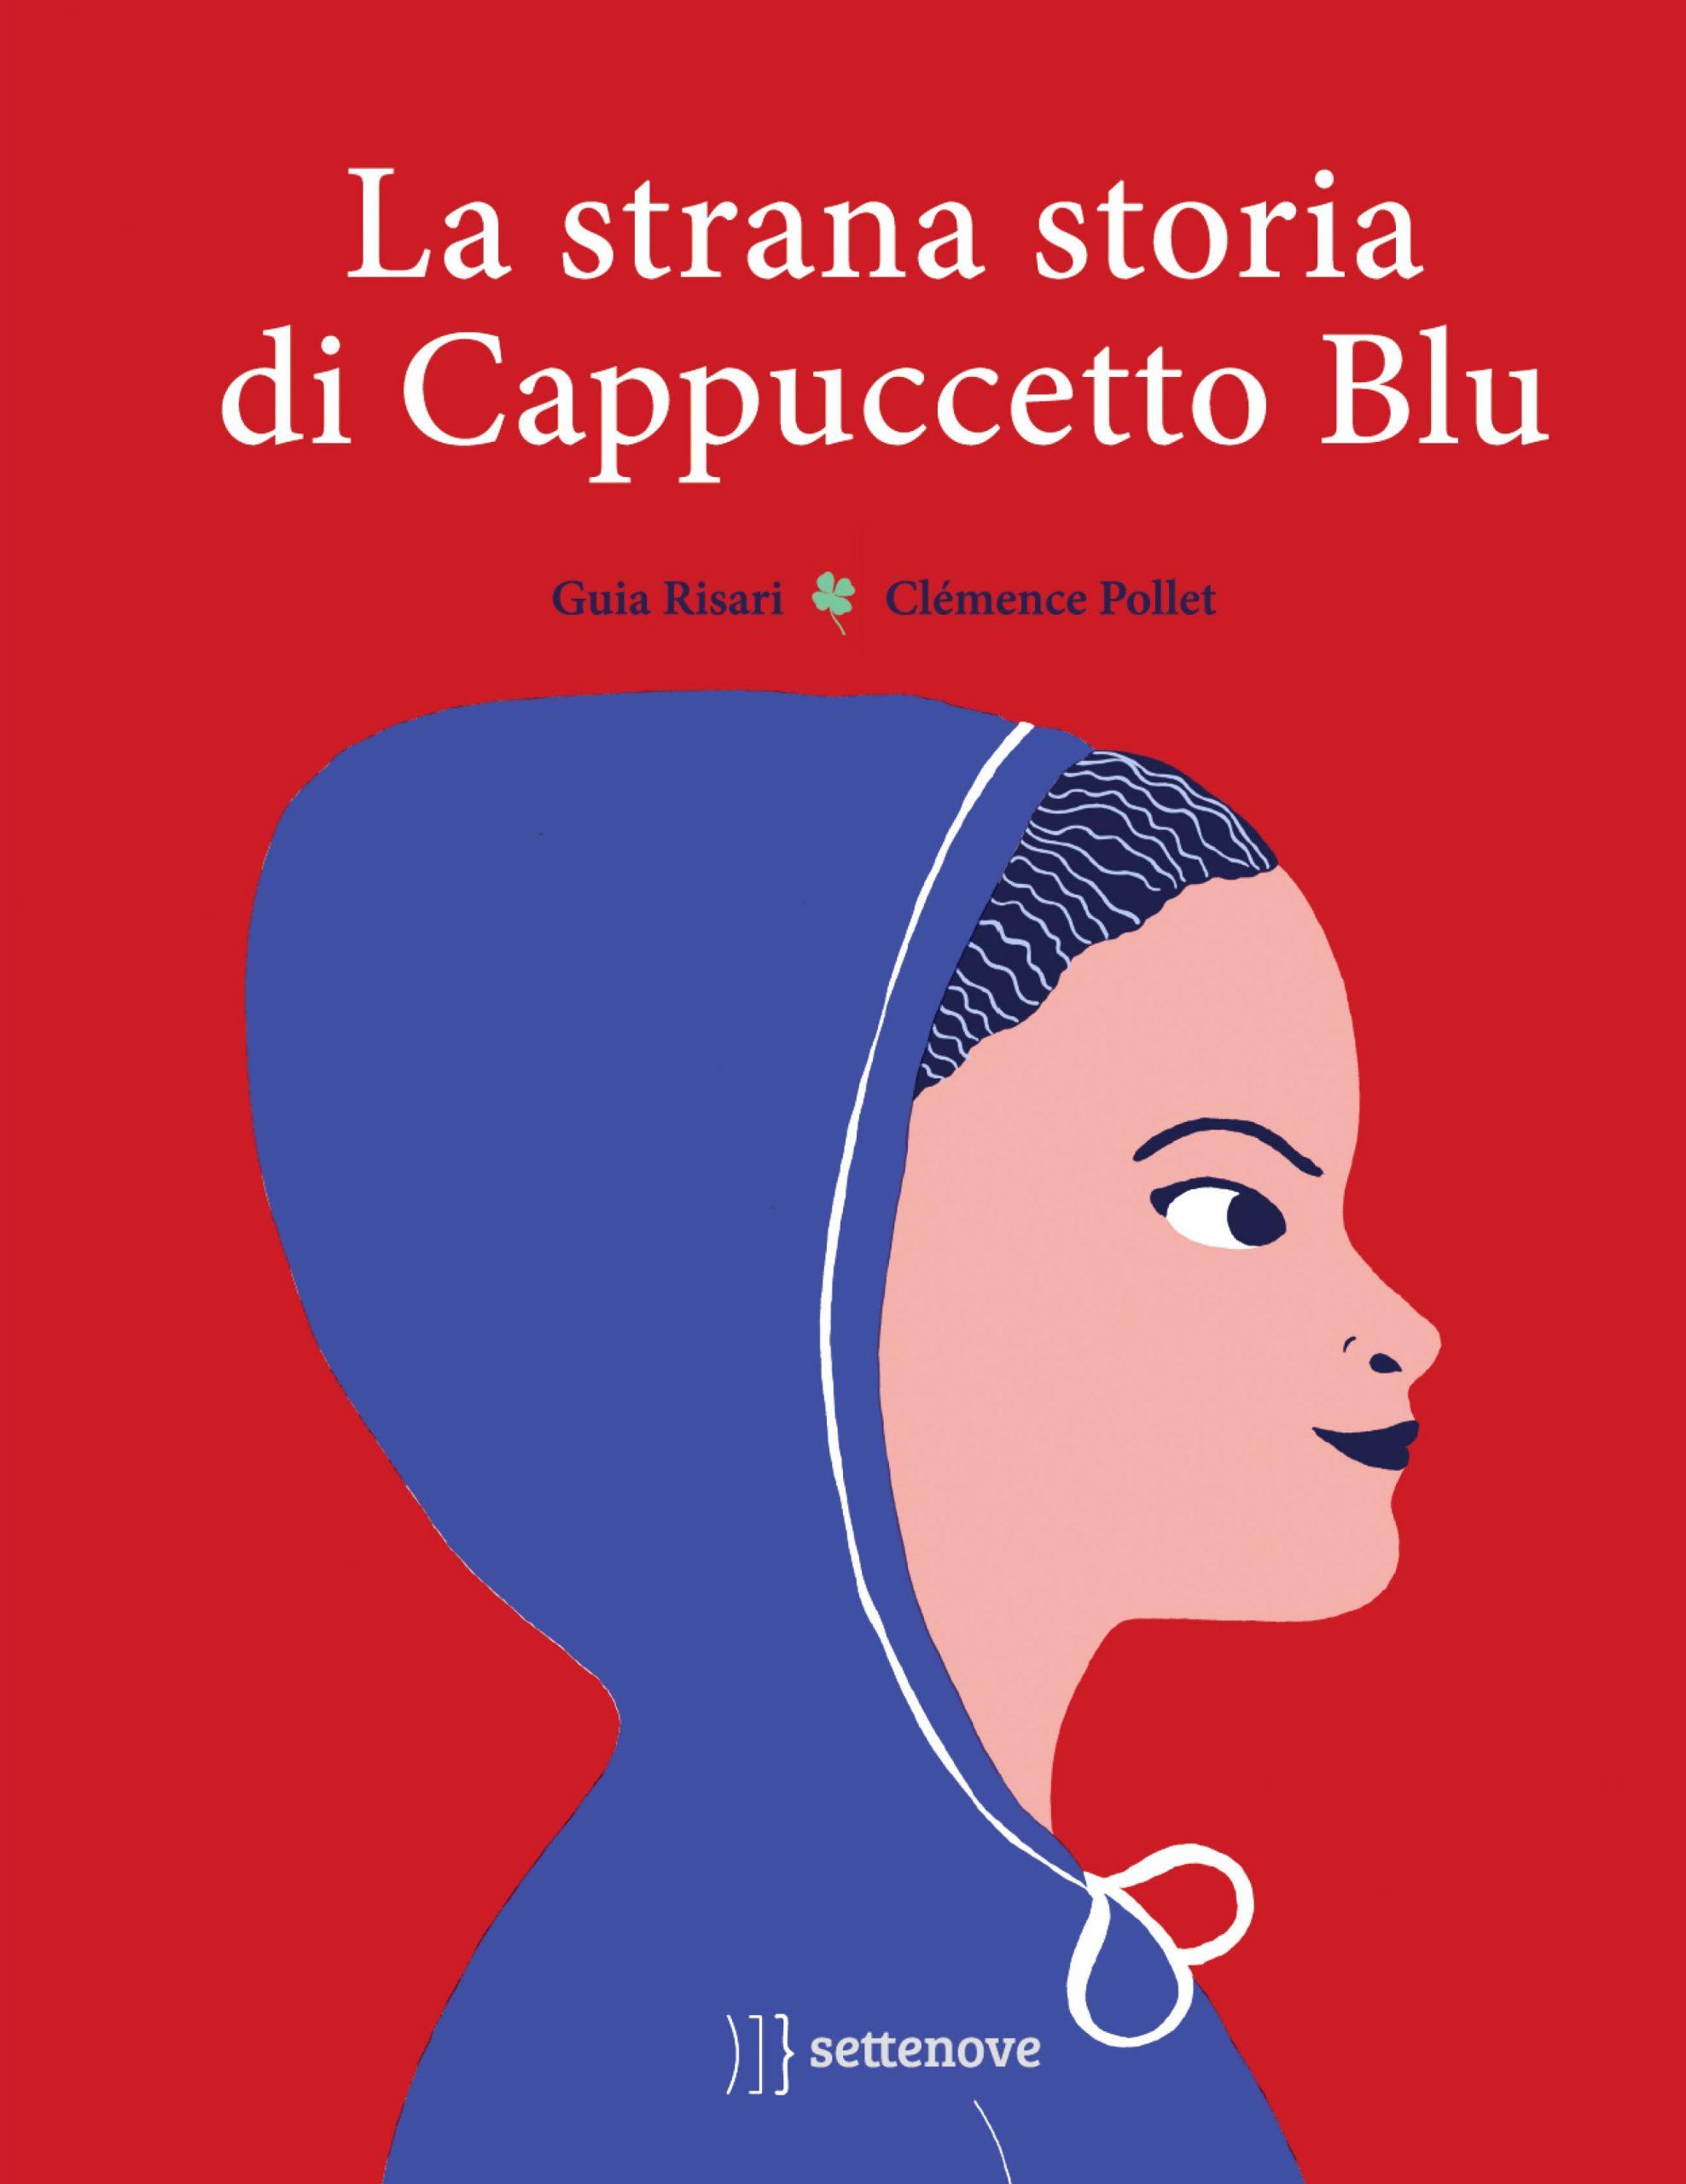 La strana storia di Cappuccetto Blu